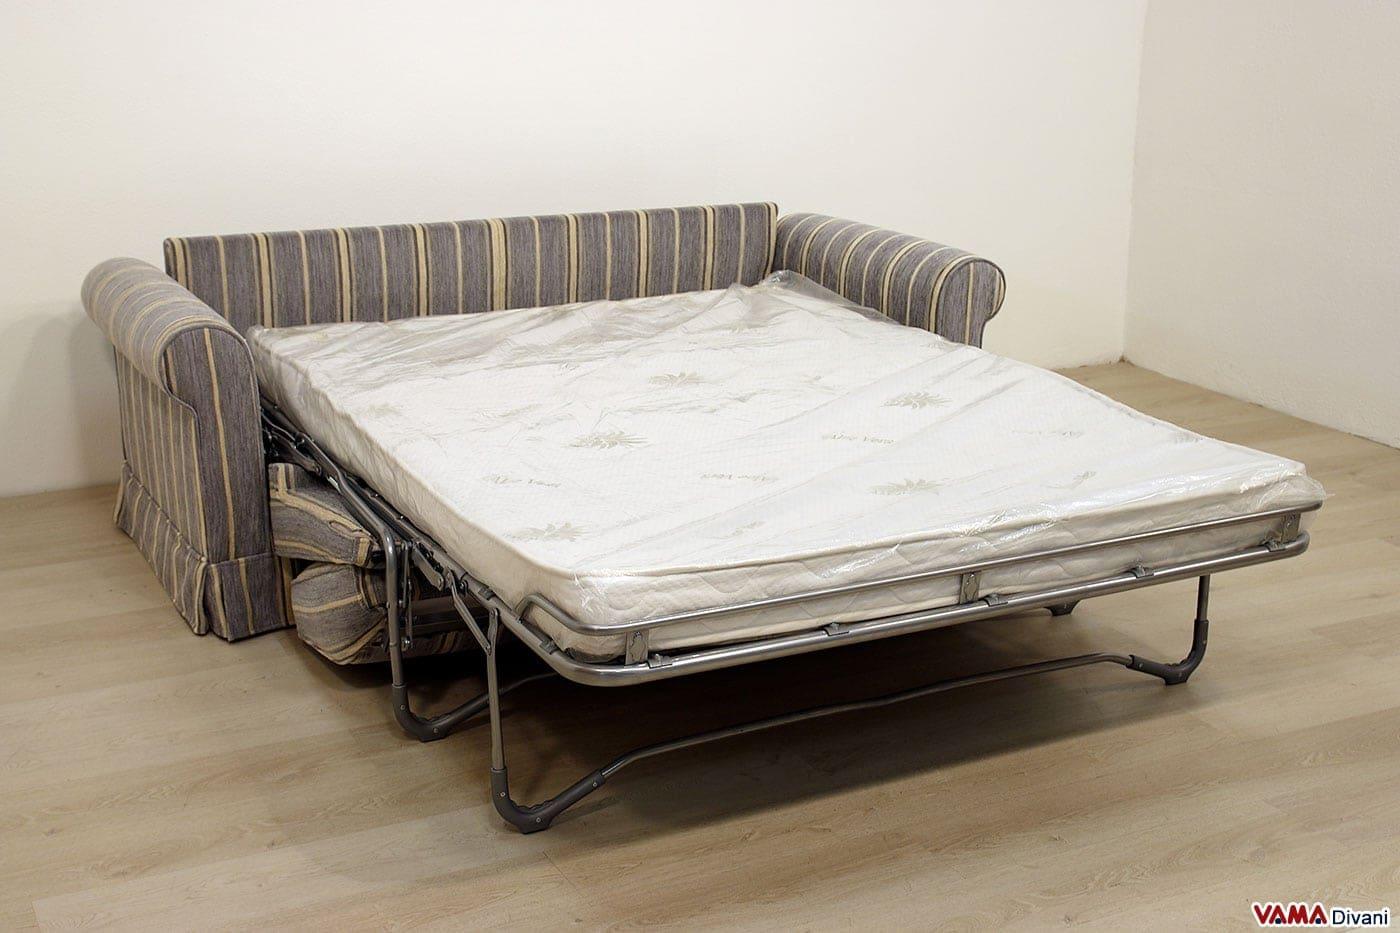 Divano letto princes vama divani - Divano letto 160 cm ...